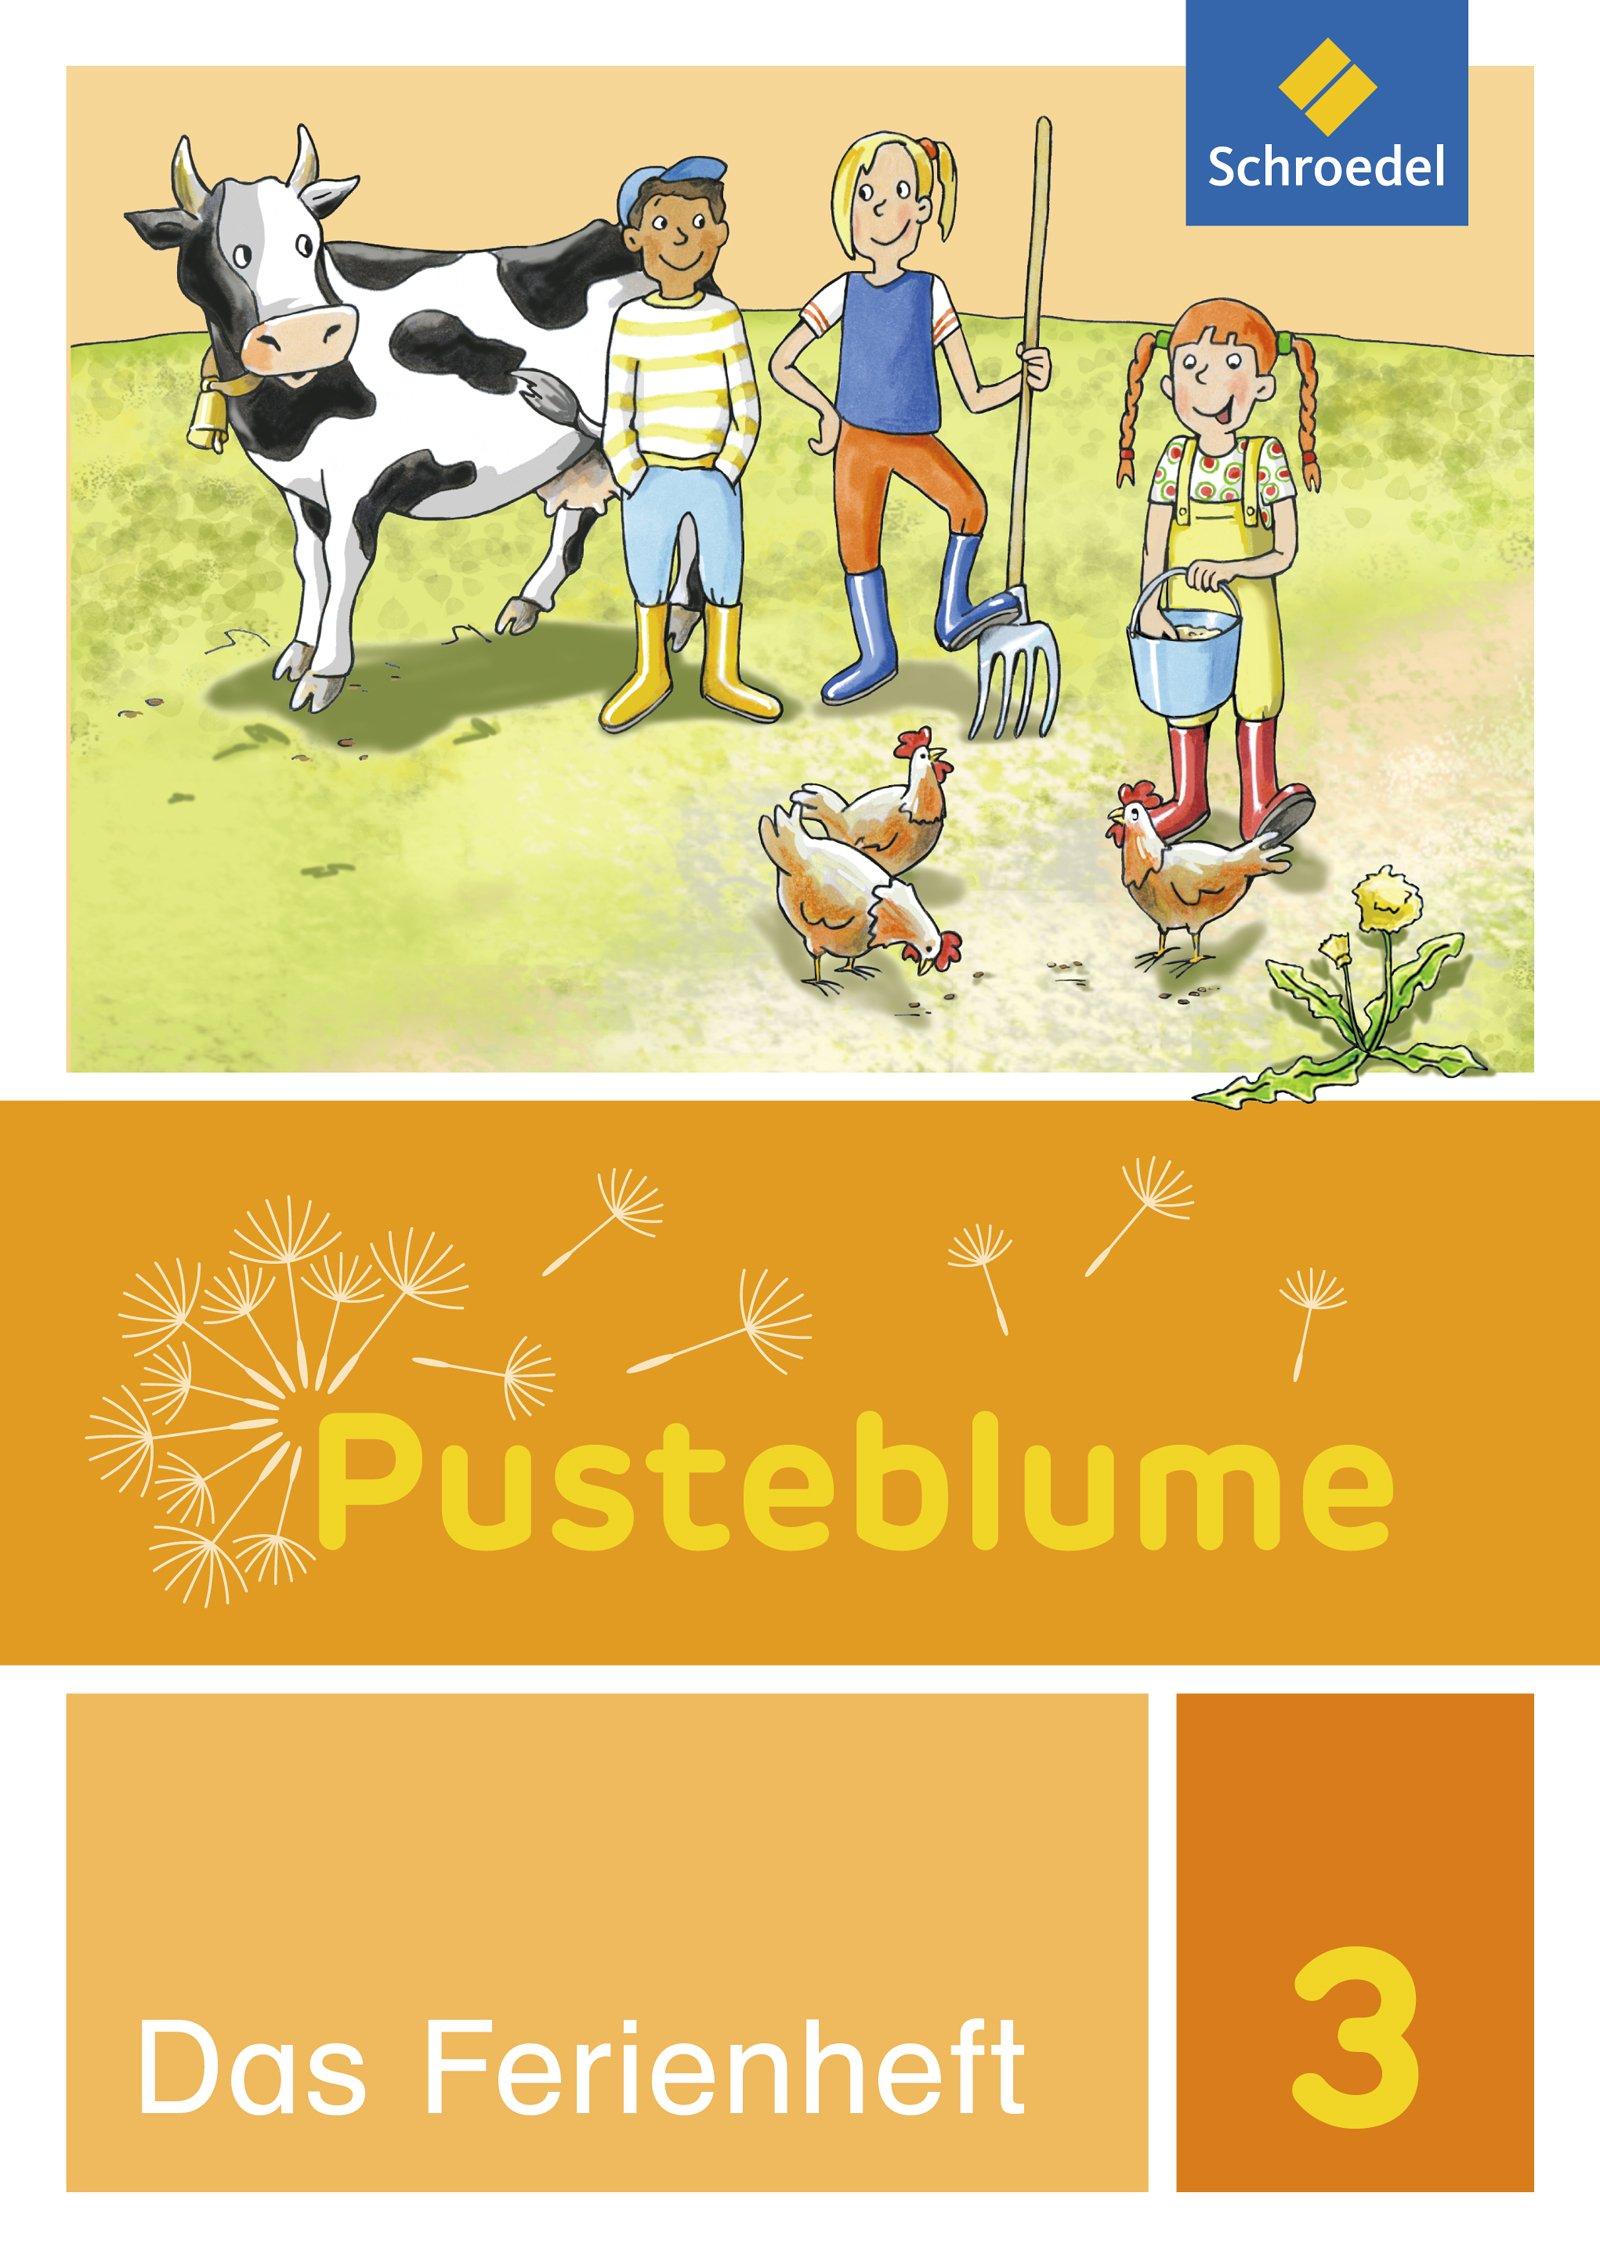 Pusteblume. Das Sprachbuch - Ausgabe 2015 Zusatzmaterial: Ferienheft 3